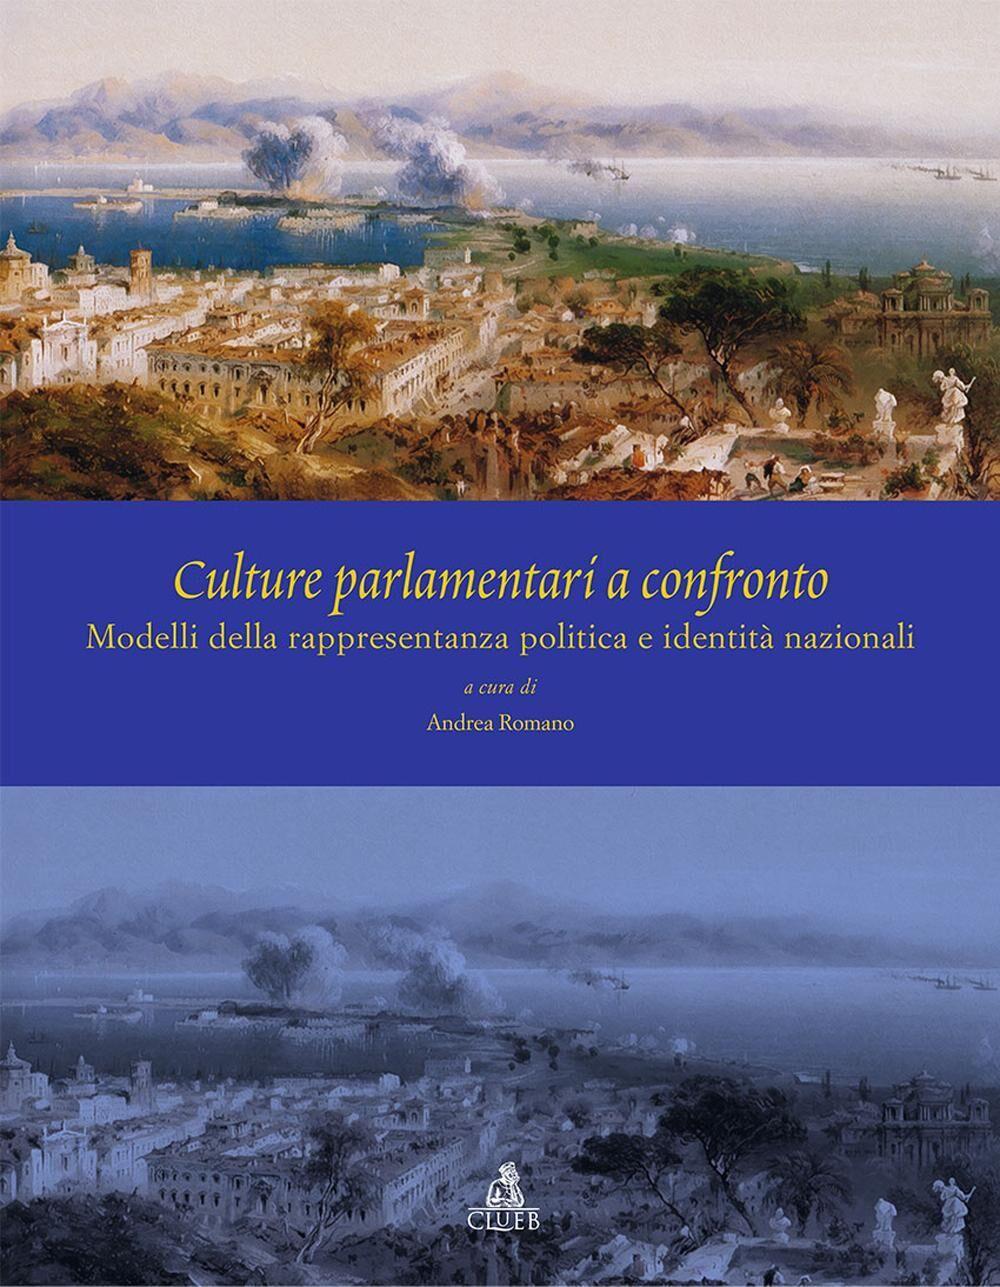 Culture parlamentari a confronto. Modelli della rappresentanza politica e identità nazionali. Ediz. italiana, inglese e spagnola